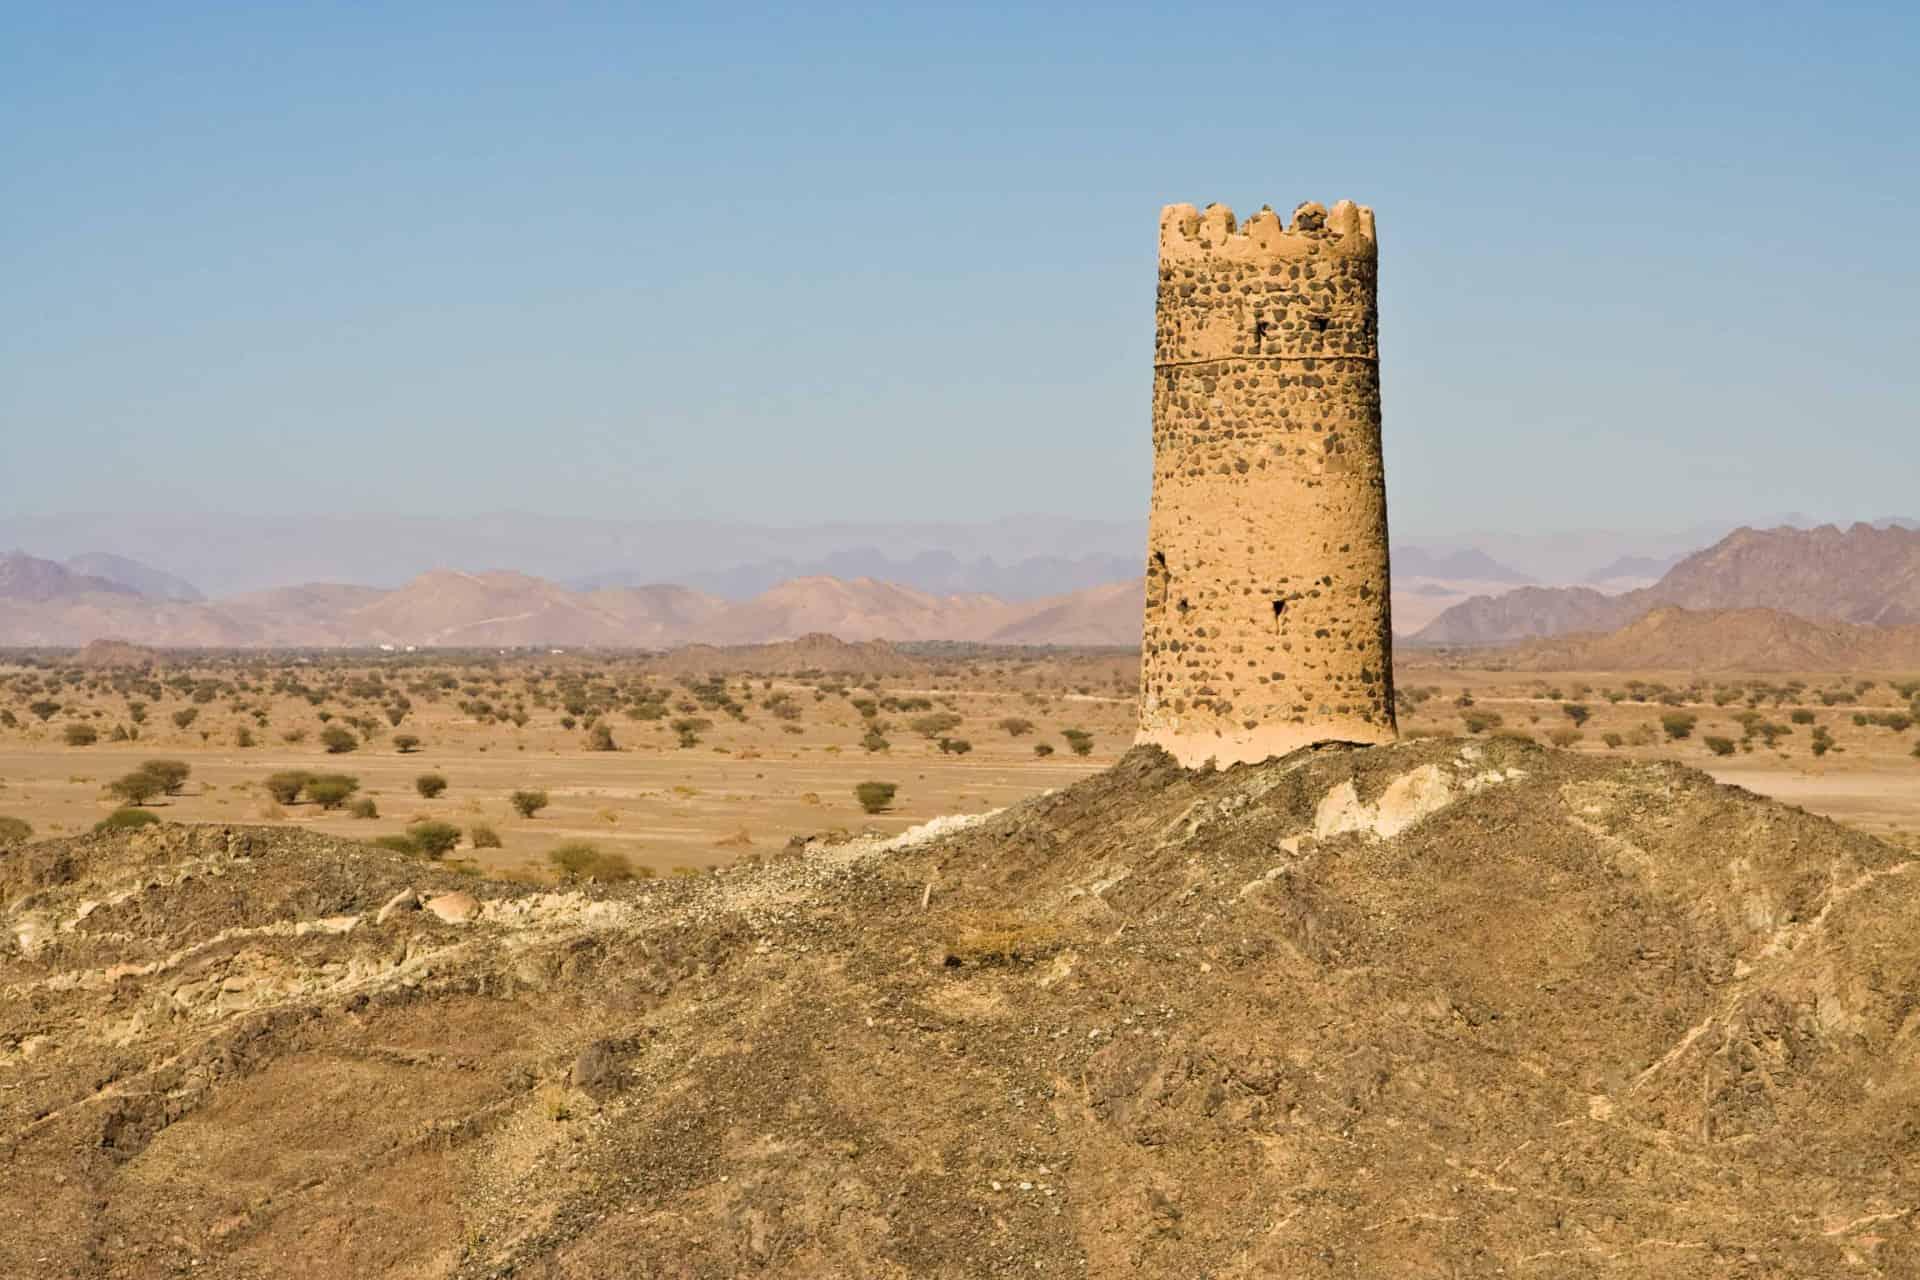 Ruins at Al Mudayrib